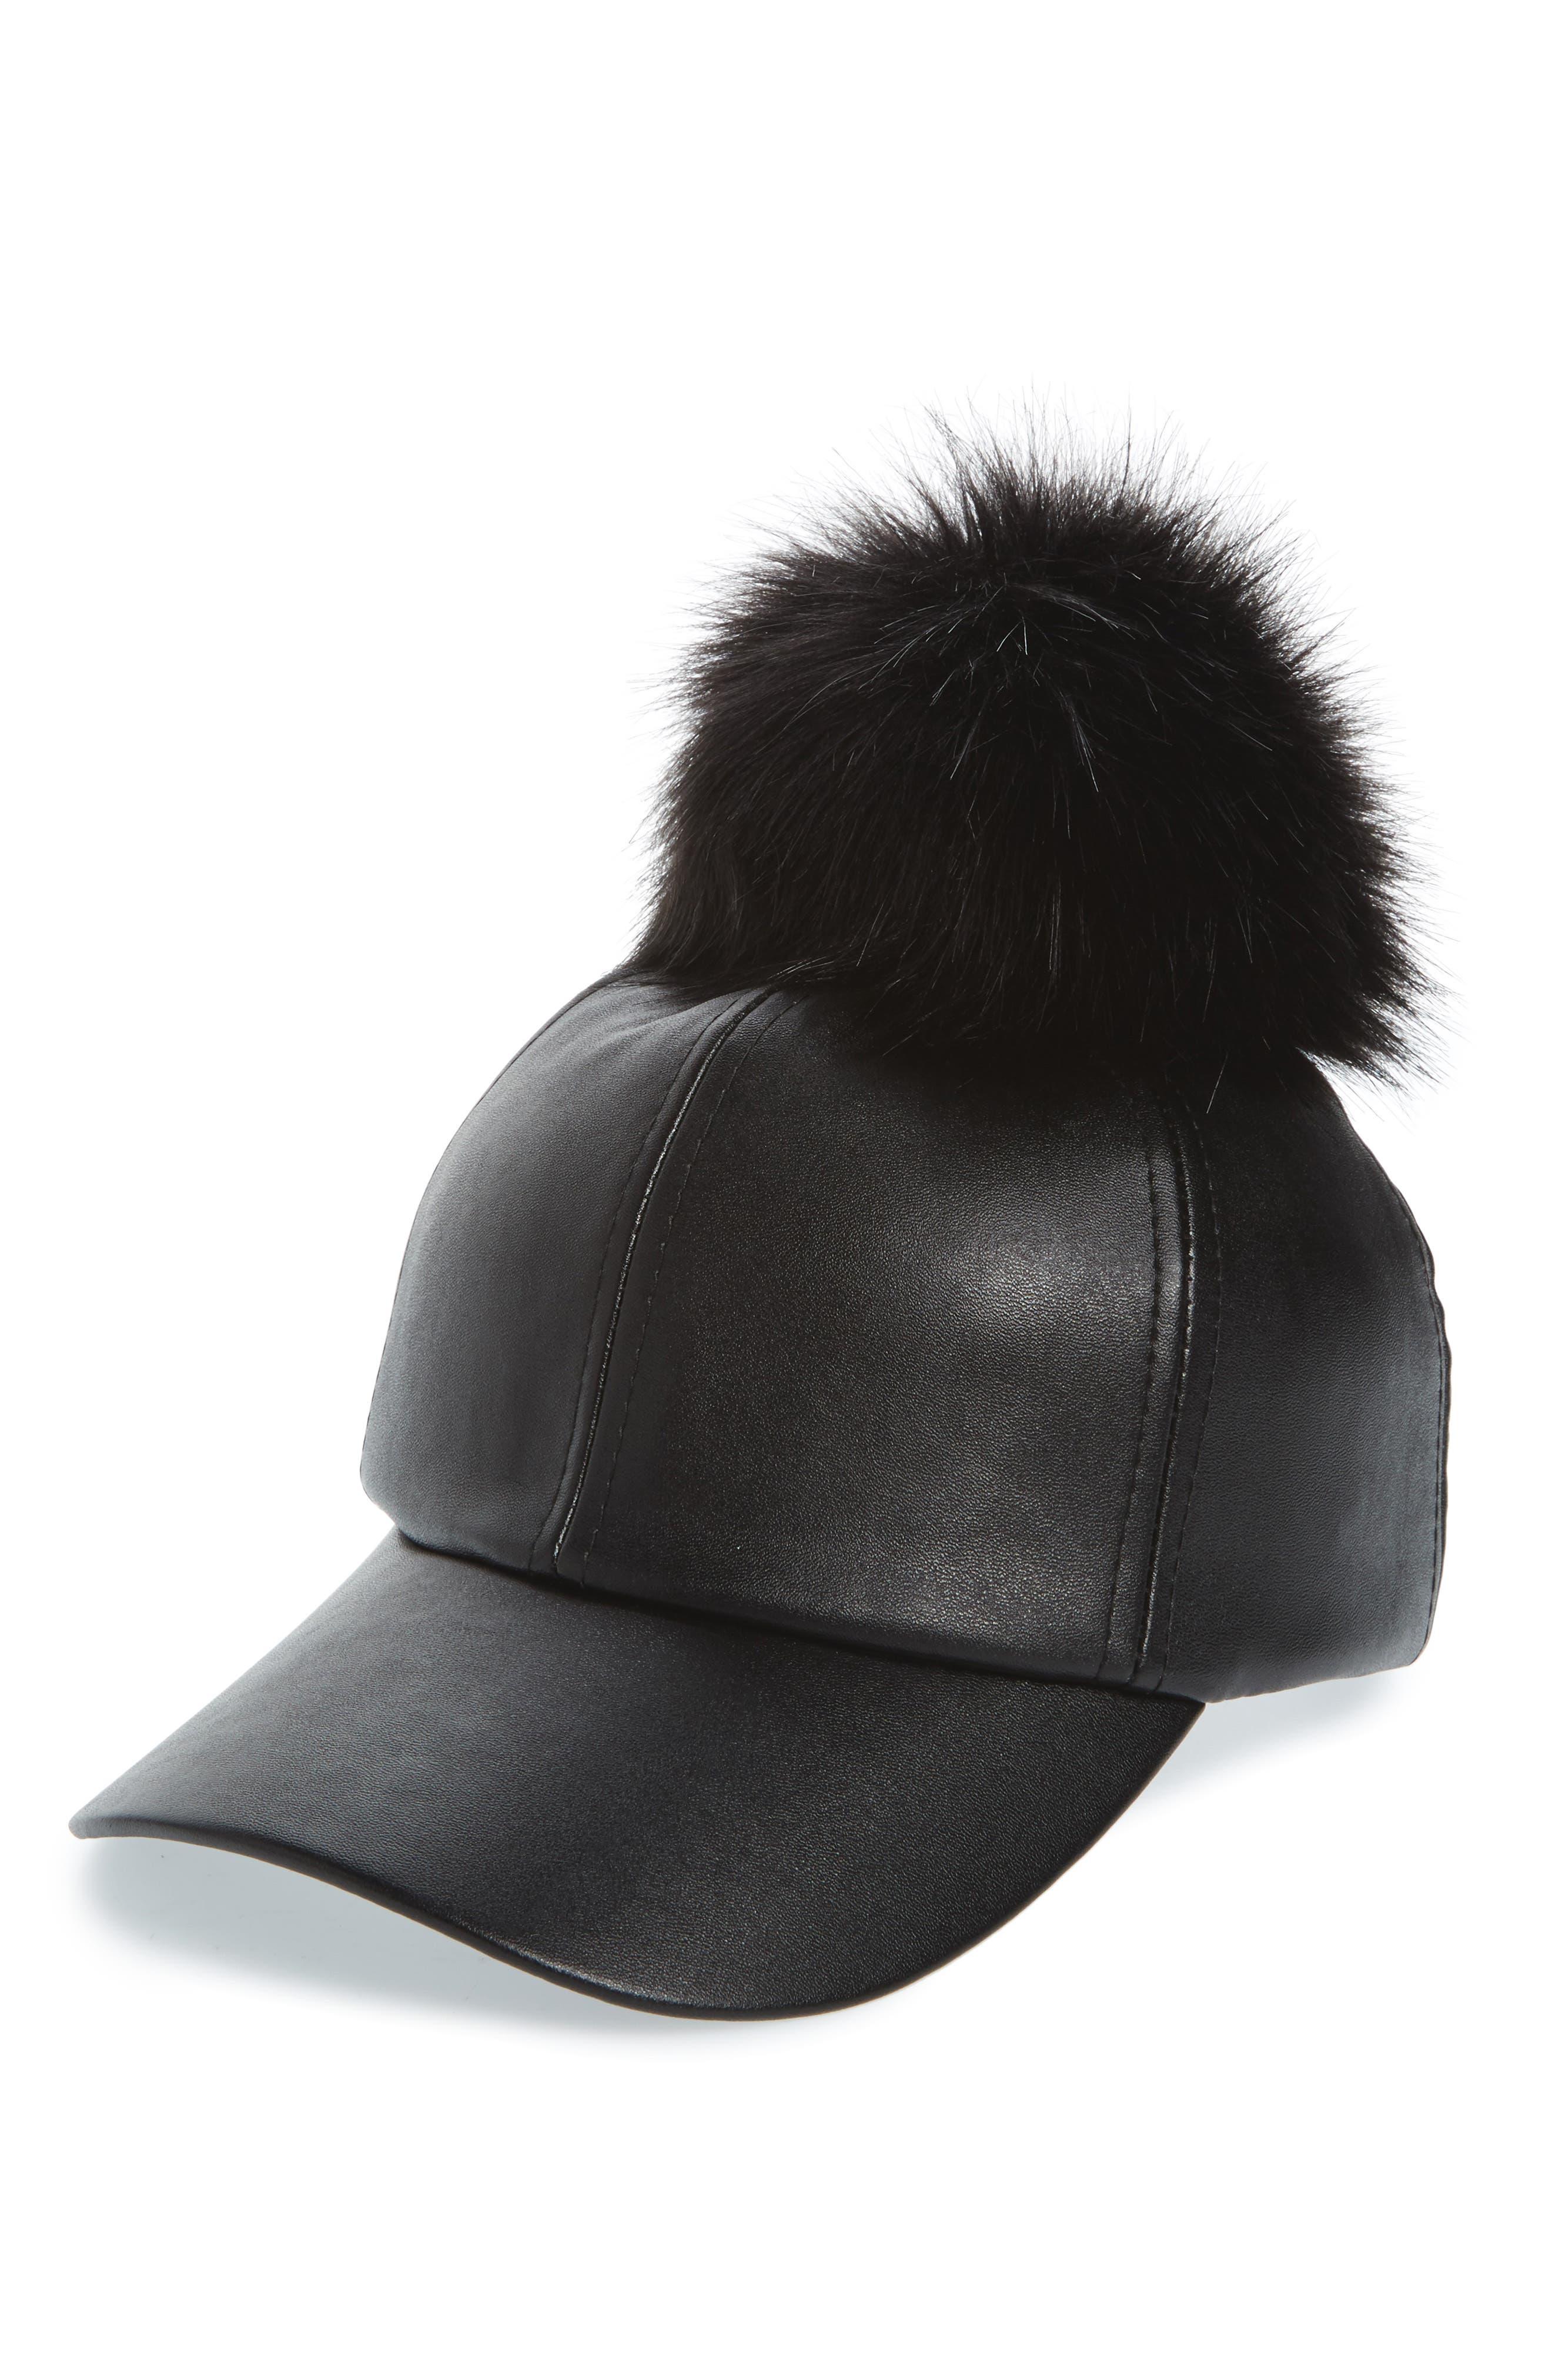 Faux Leather Cap with Faux Fur Pompom,                         Main,                         color,